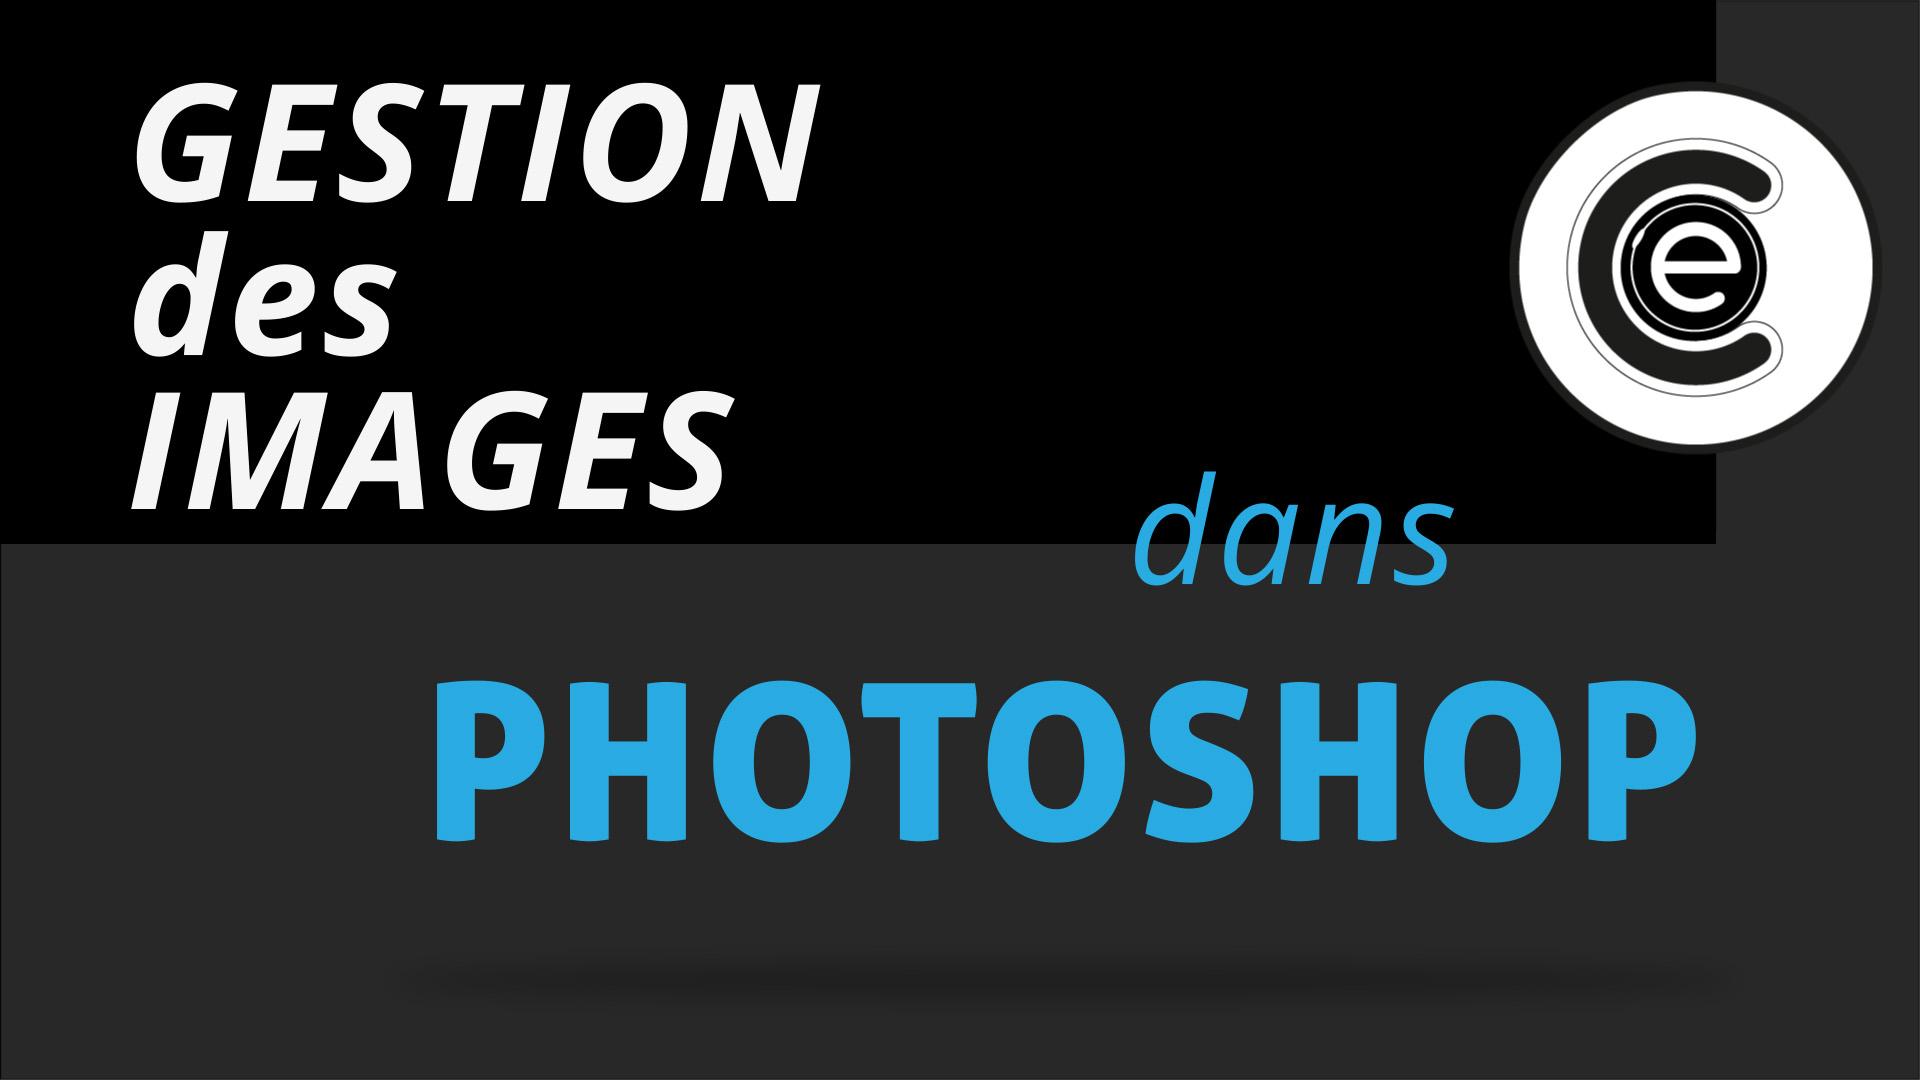 Comment gérer les images dans Photoshop